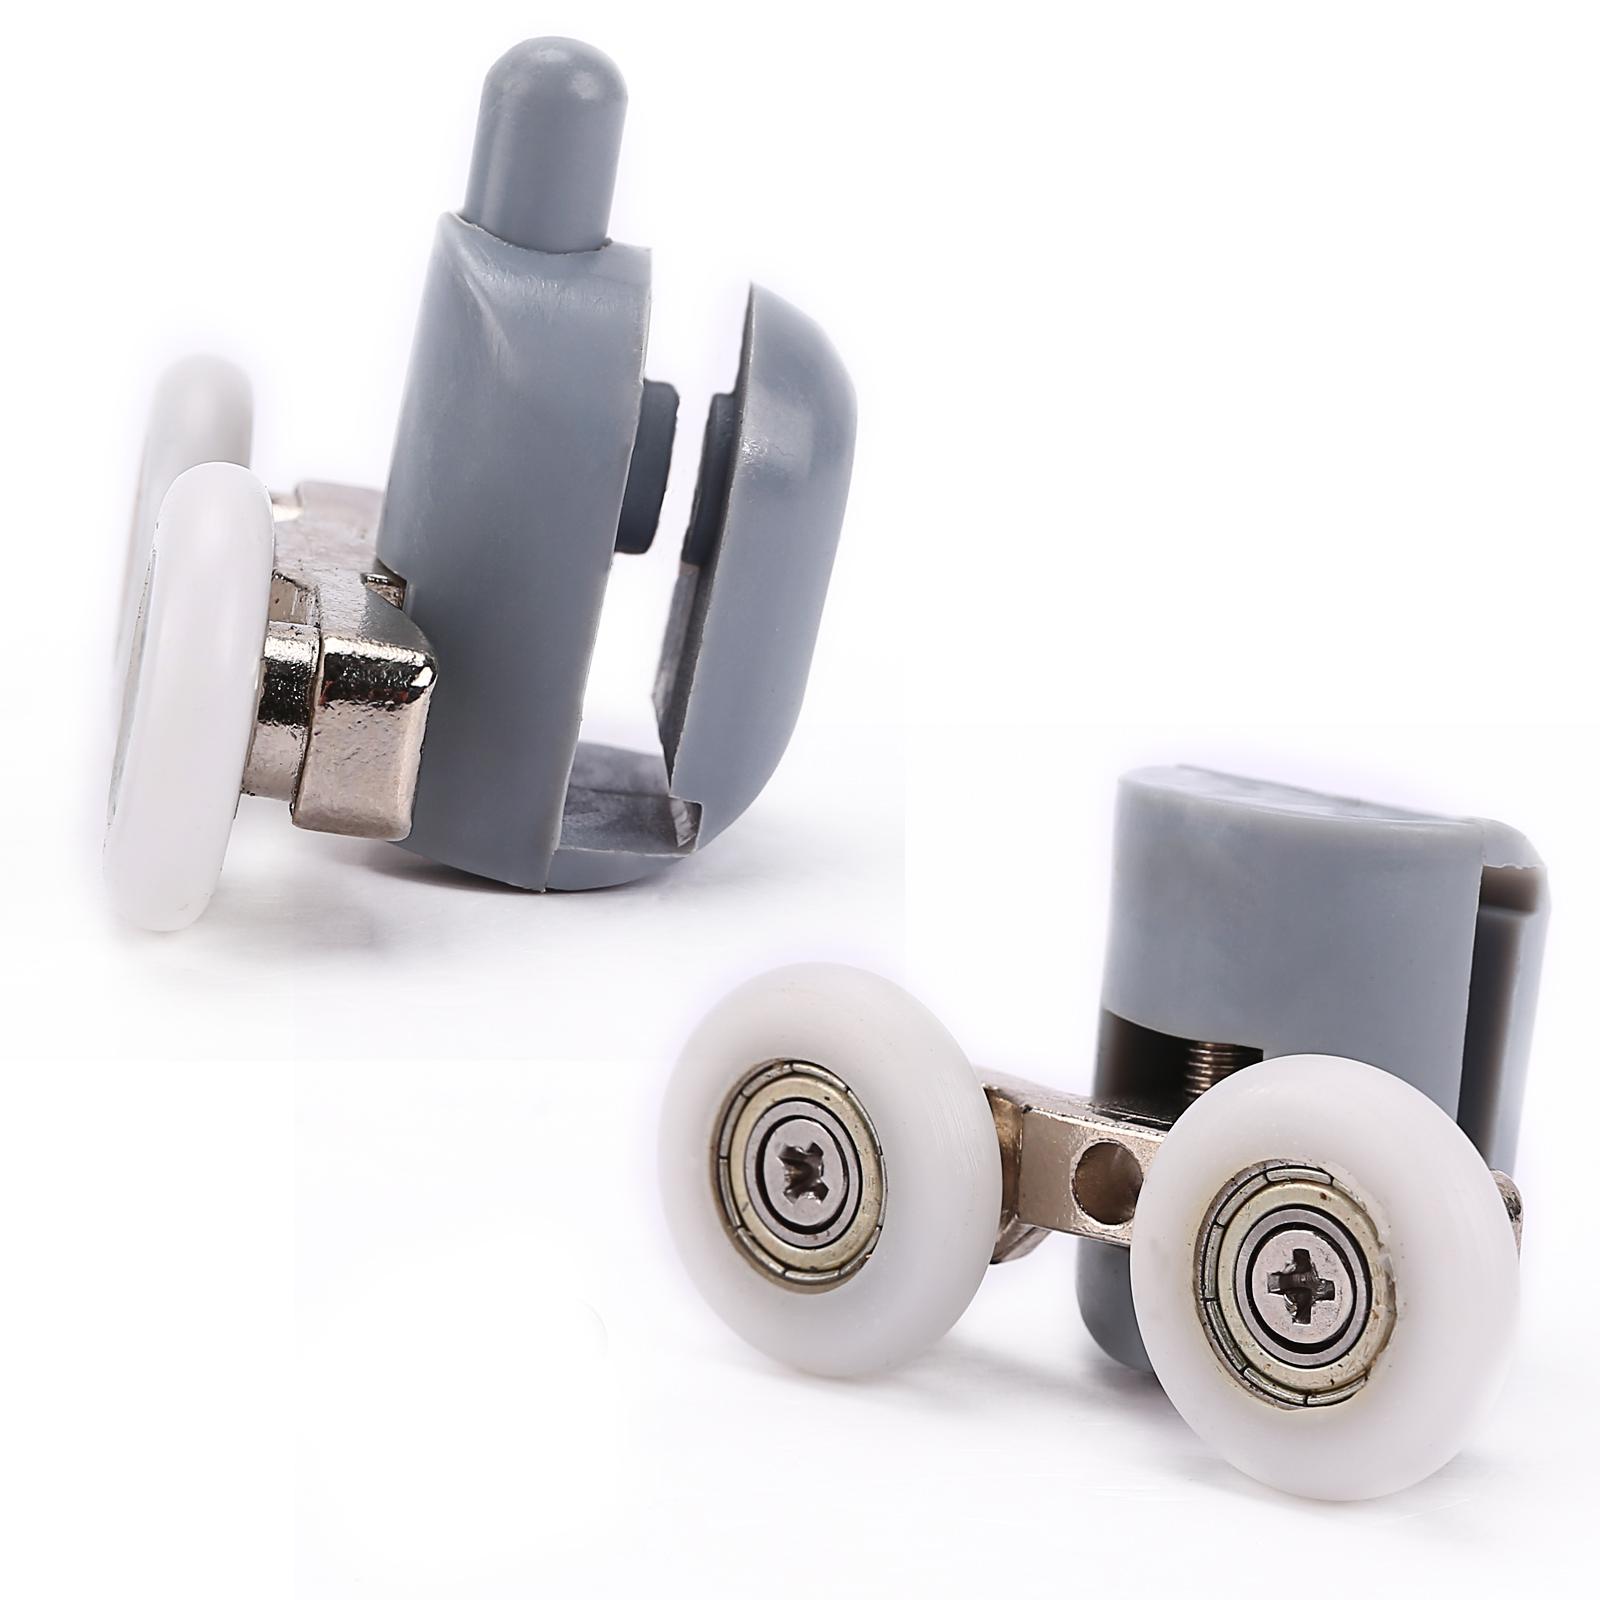 Duscht?r Einbauen : Twin Runners Top Shower Door Rollers Wheels